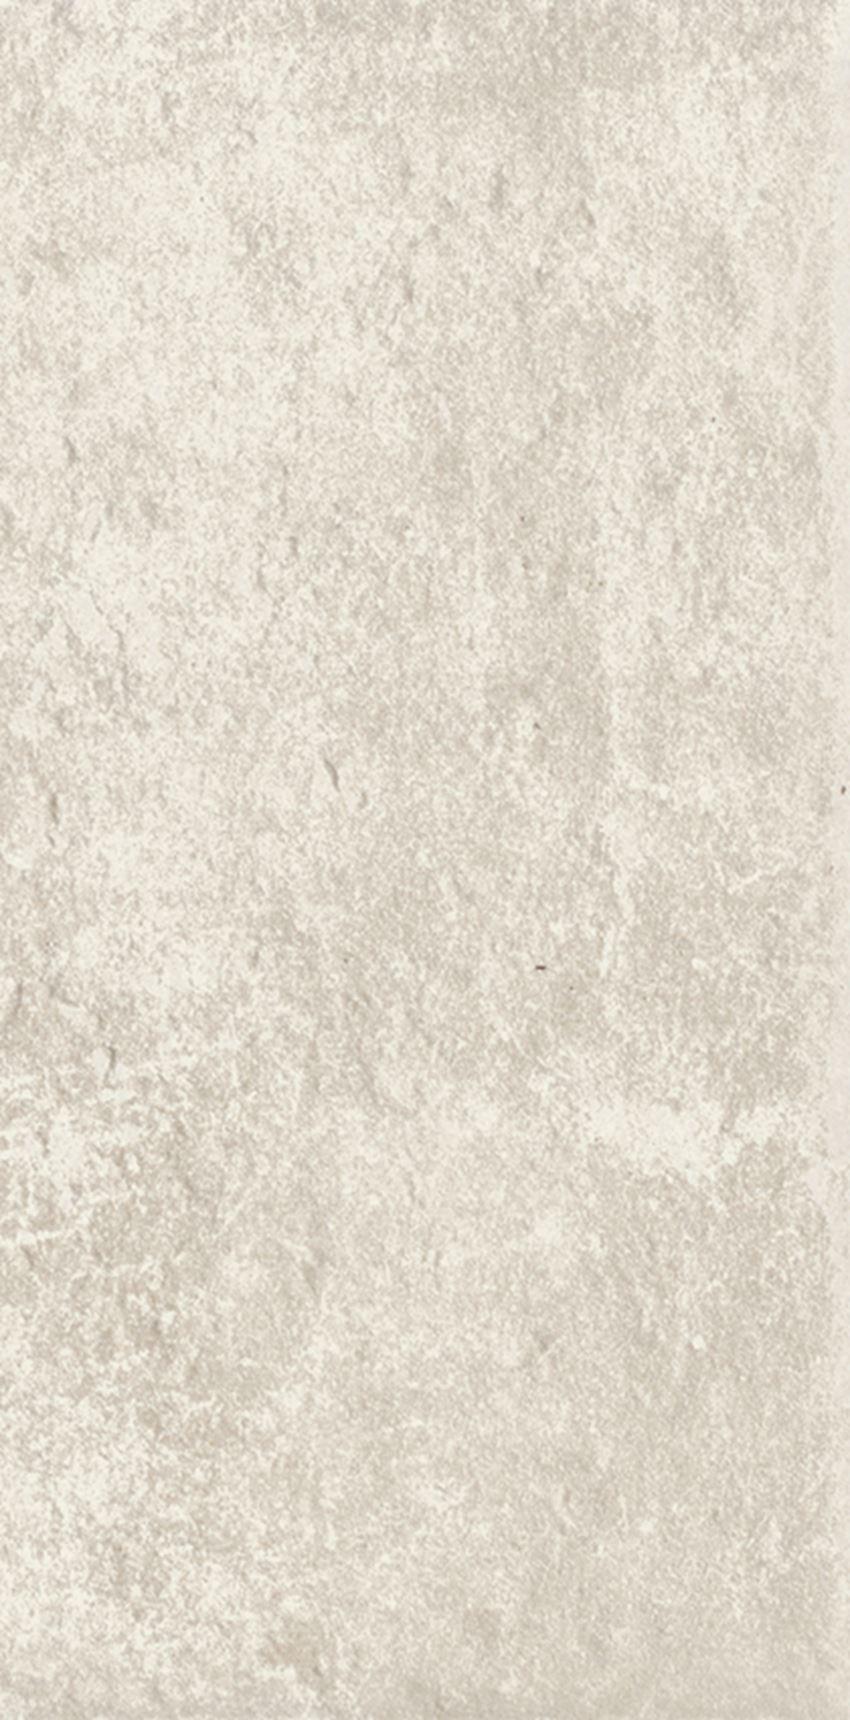 Płytka stopnicowa 14,8x30 cm Paradyż Scandiano Beige Podstopnica